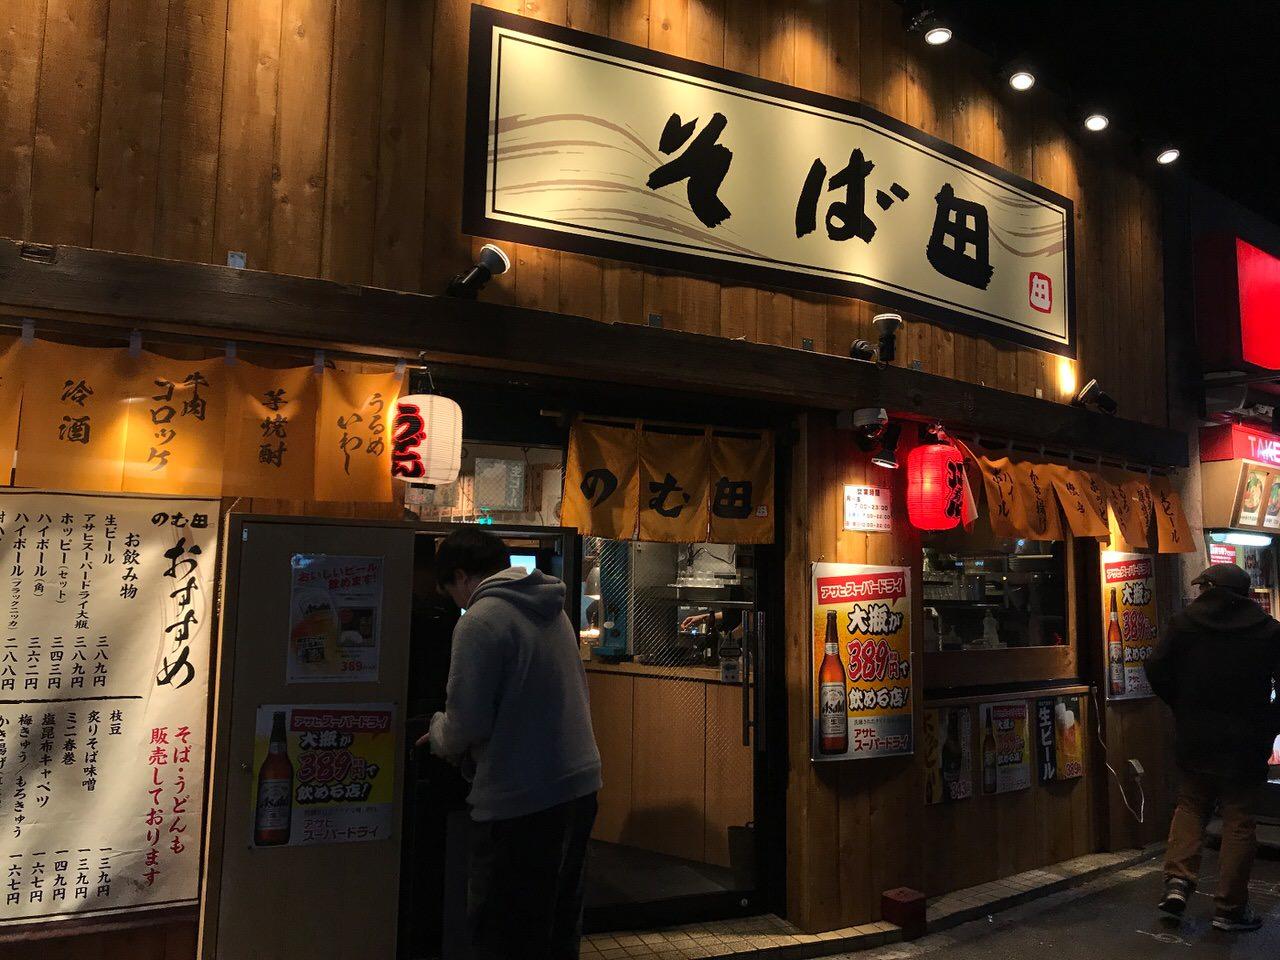 16時から立ち呑みになる立ち食い蕎麦「そば田」の夜バージョン「のむ田」が最高すぎる!揚げたて天ぷらが美味い